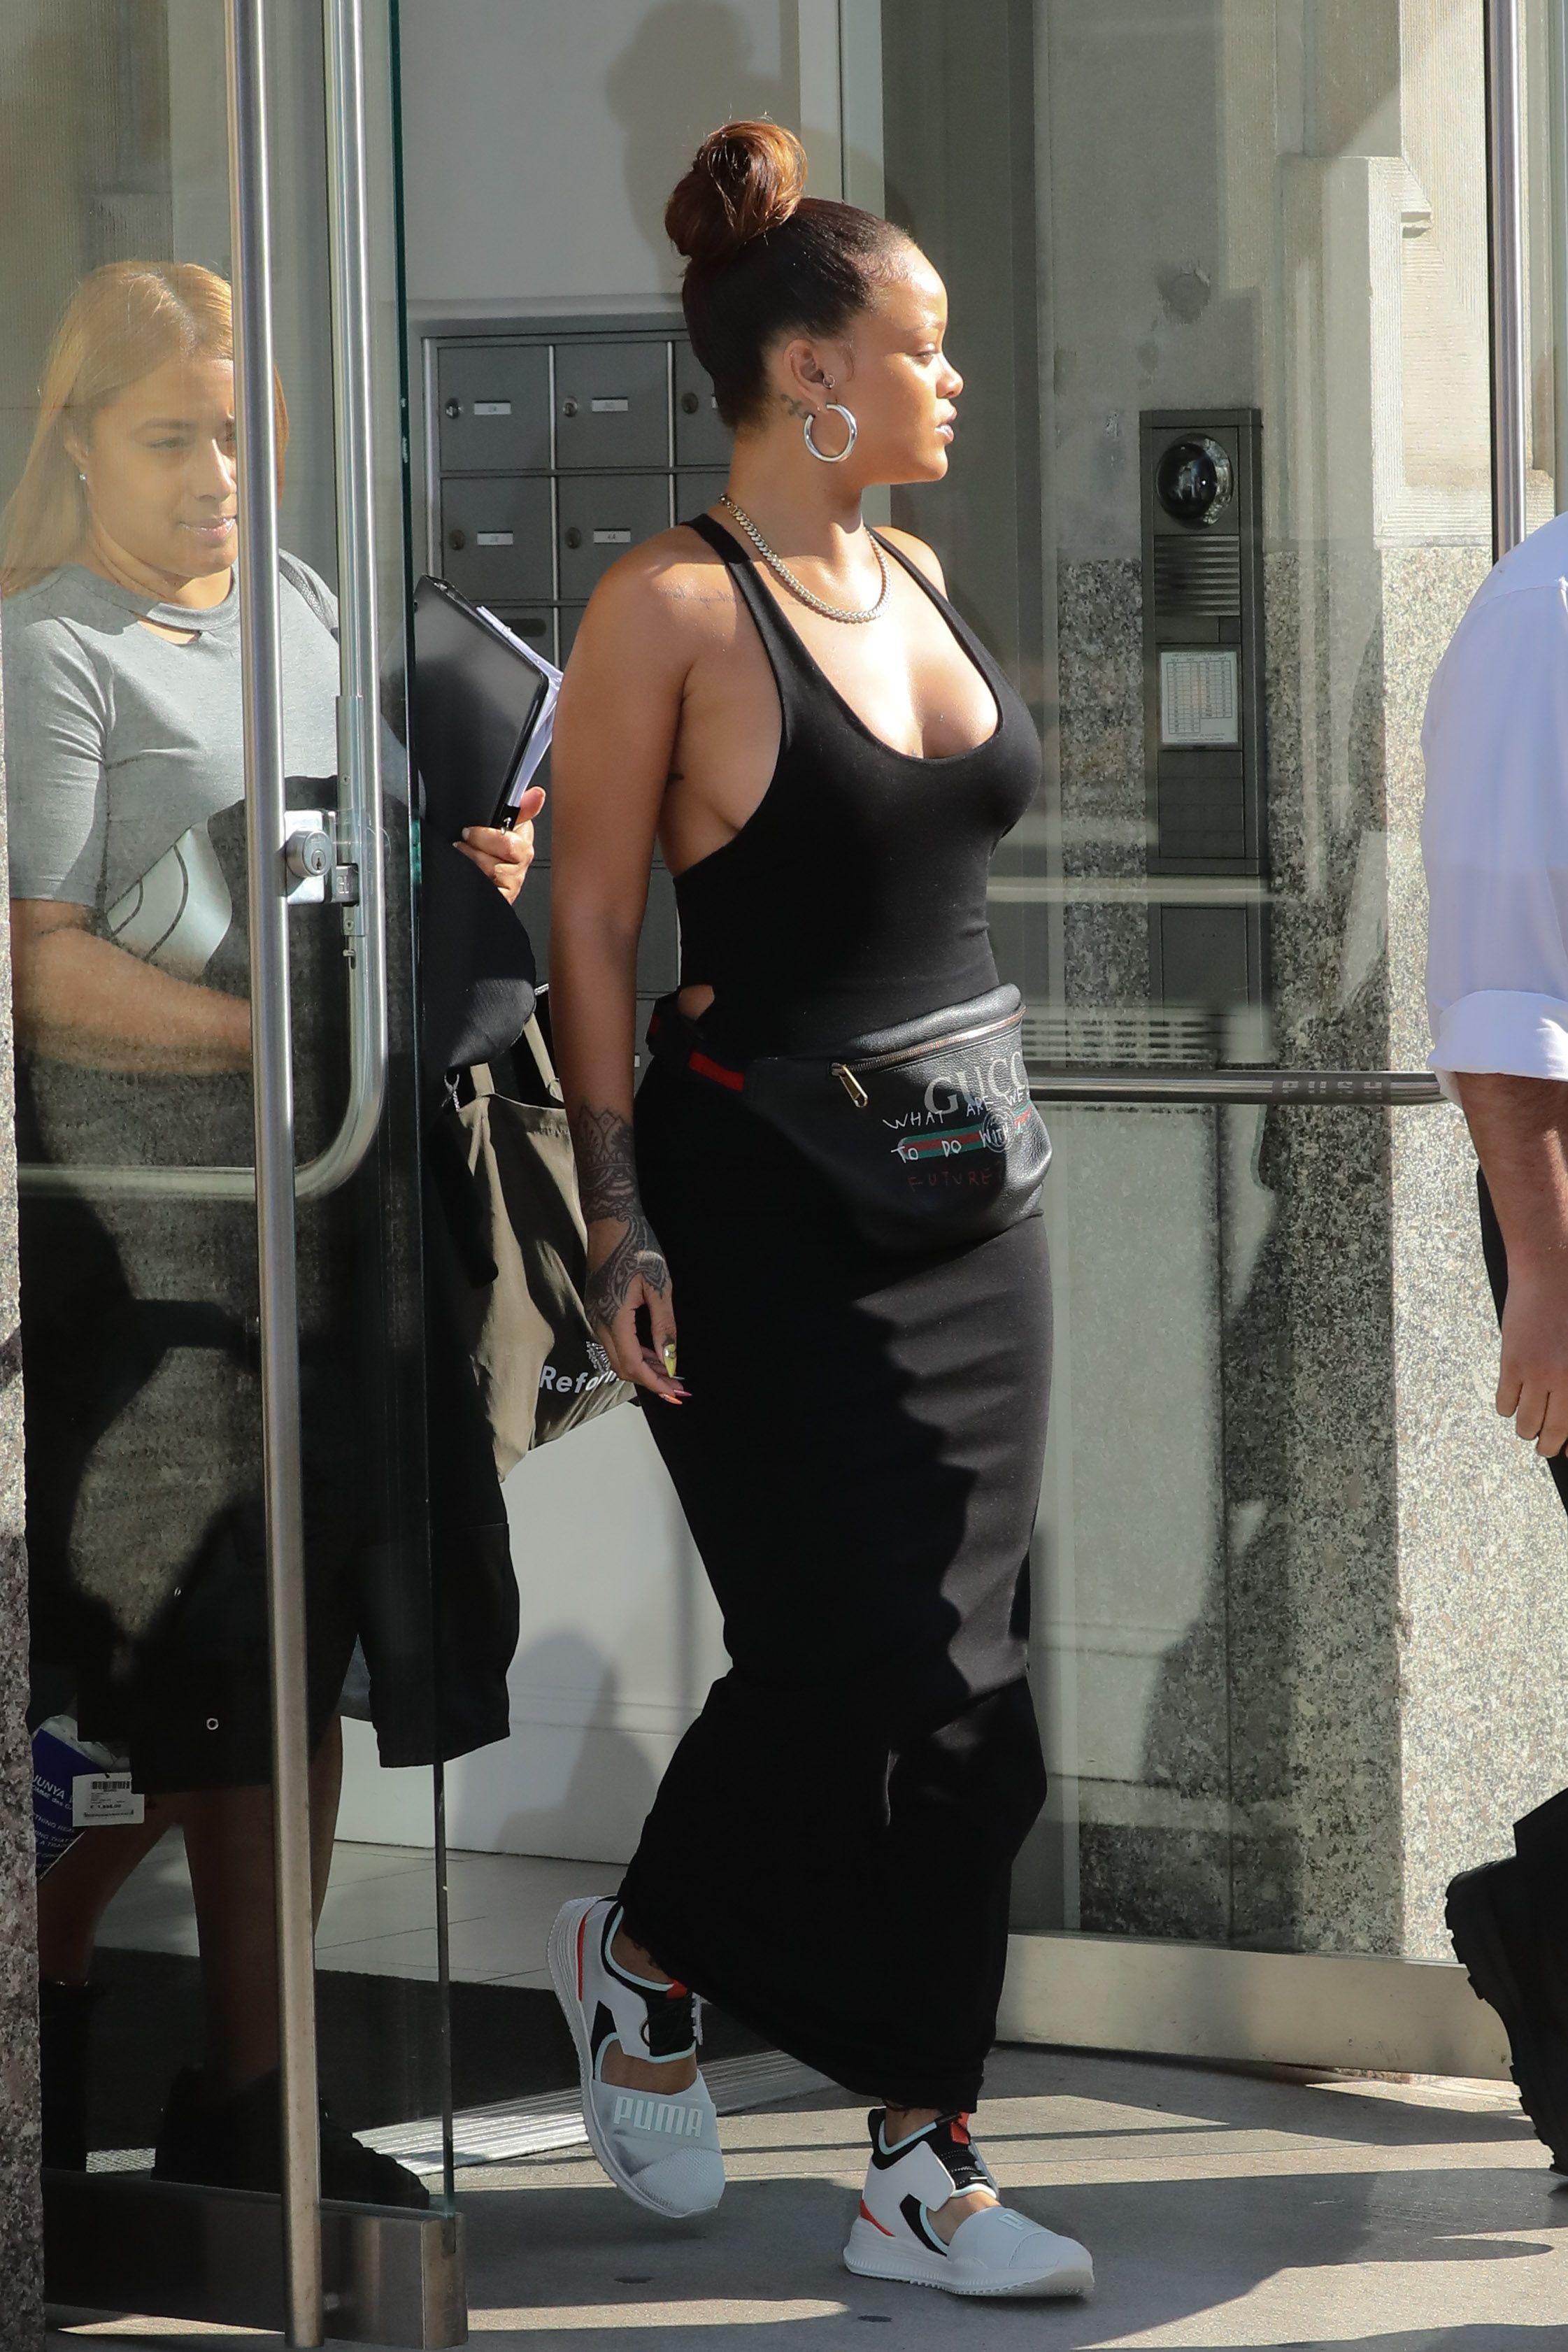 Rihanna-Braless-4-thefappeningblog.com_.jpg